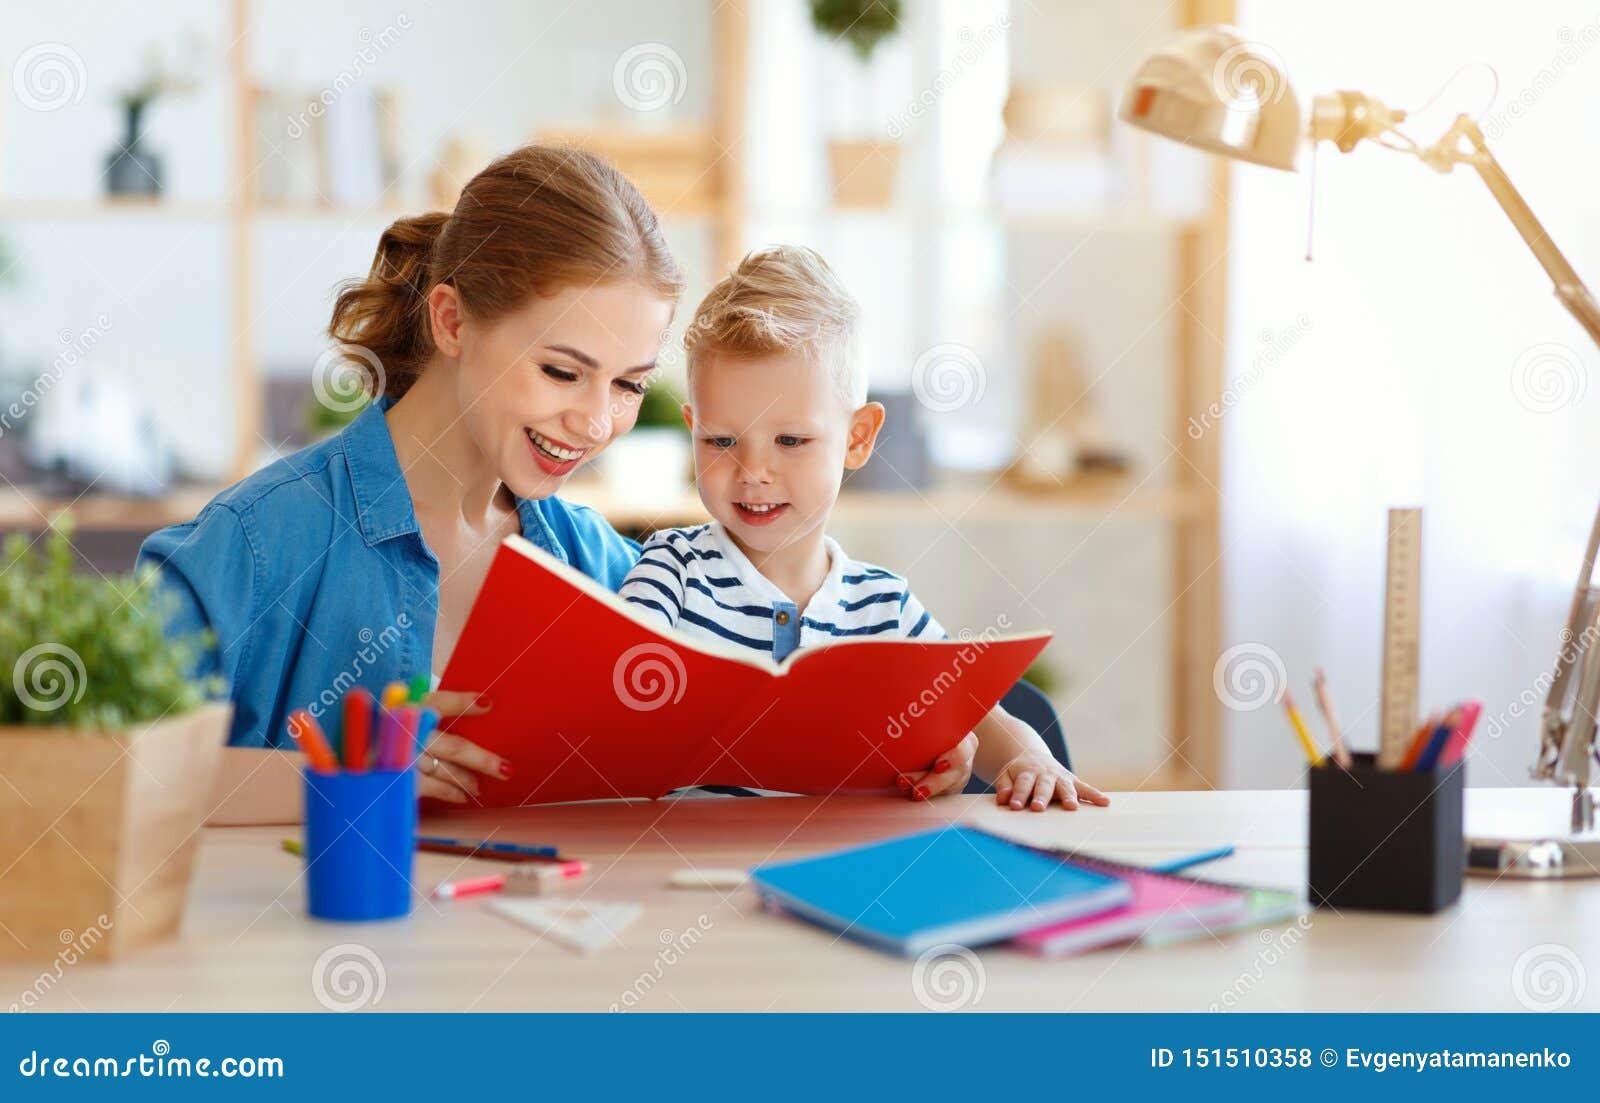 Hijo de la madre y del niño que hace la escritura de la preparación y que lee en casa